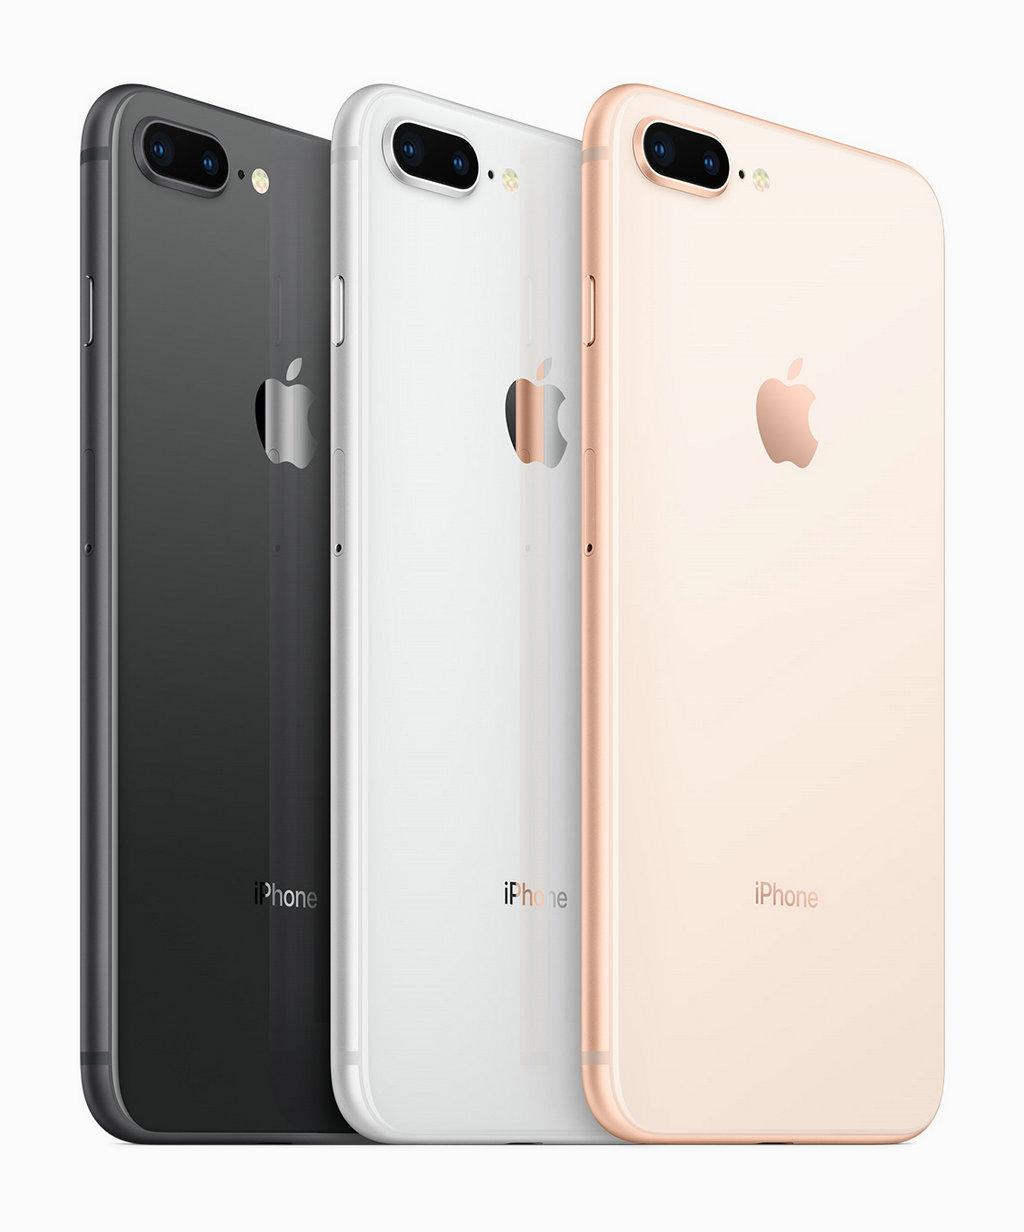 同时,iPhone 8有了单镜头摄像头和 iPhone 8 Plus 上支持人像光效的双镜头摄像头,备受喜爱的相机变得倍加出色;无线充电让 iPhone 具备了又一强大的新功能。